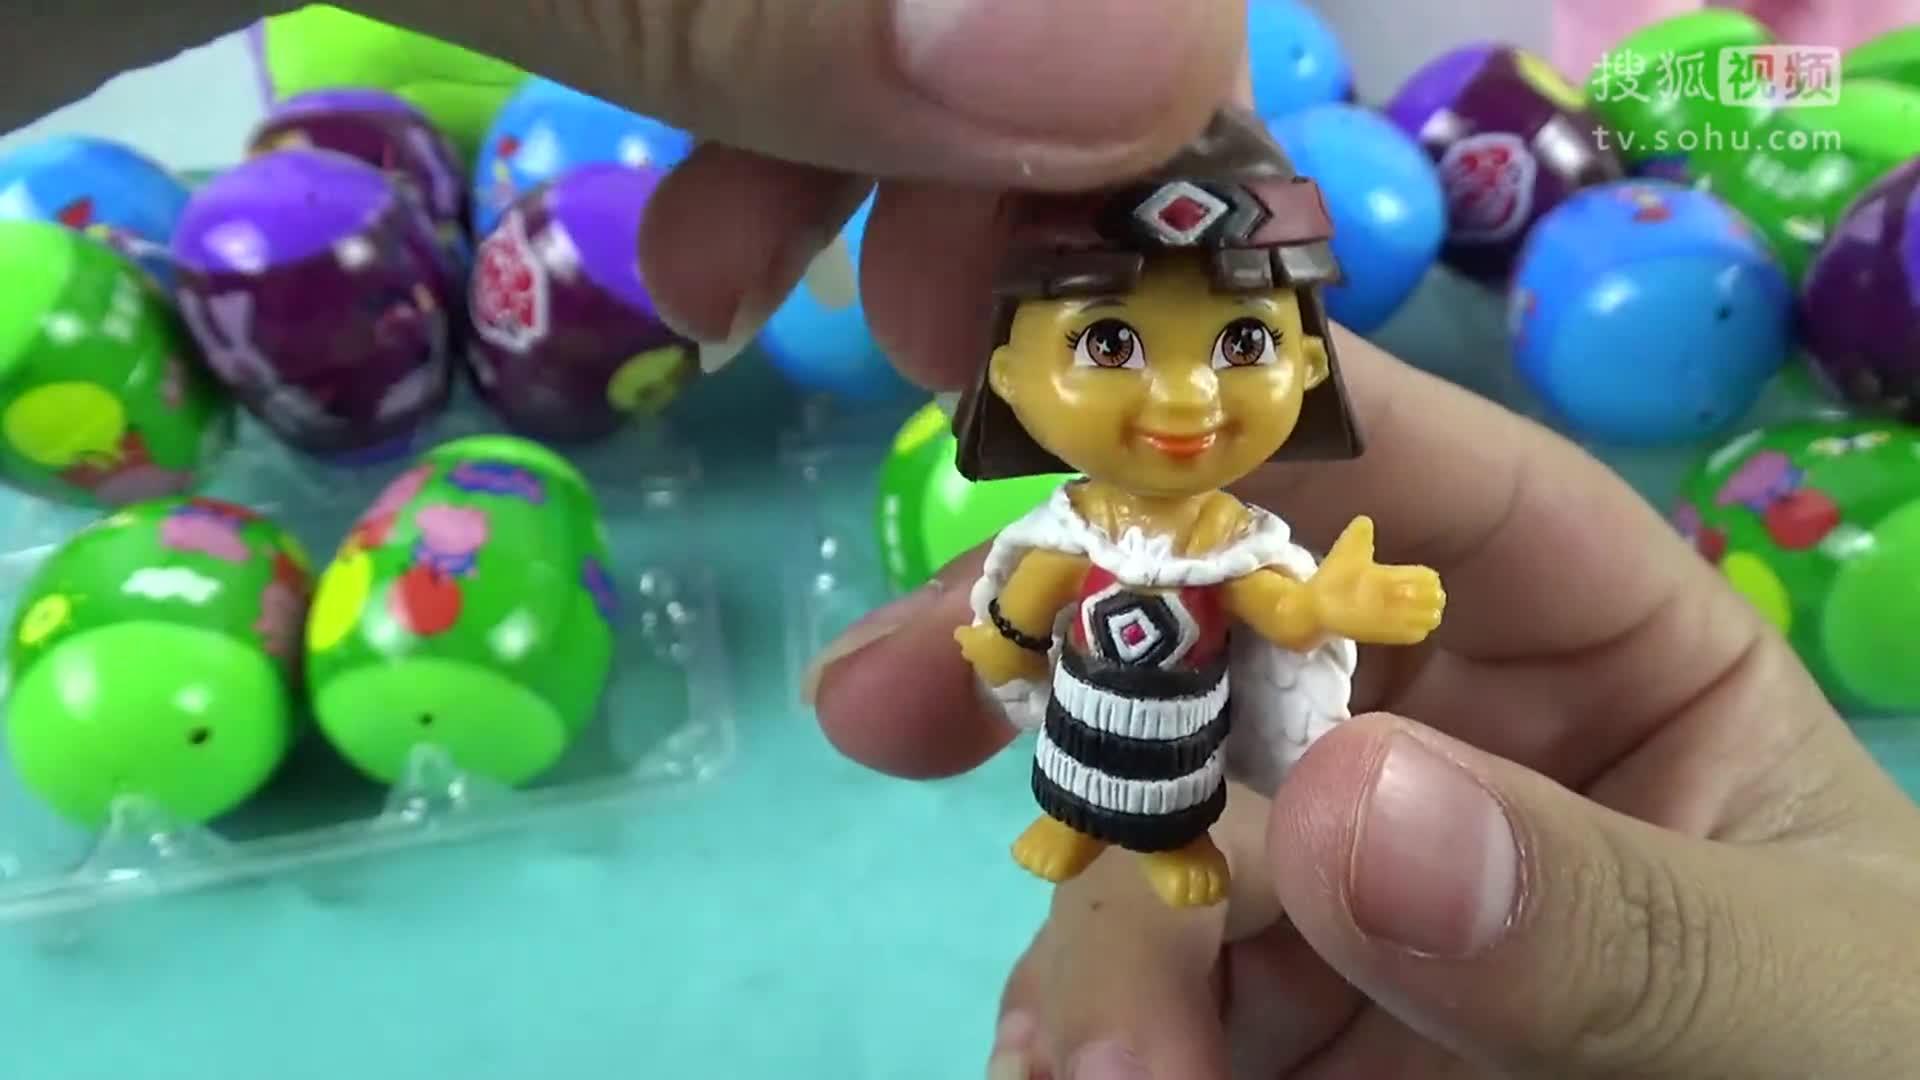 【宝宝玩具】:16 迪士尼公主们惊喜蛋玩具朵拉历险记